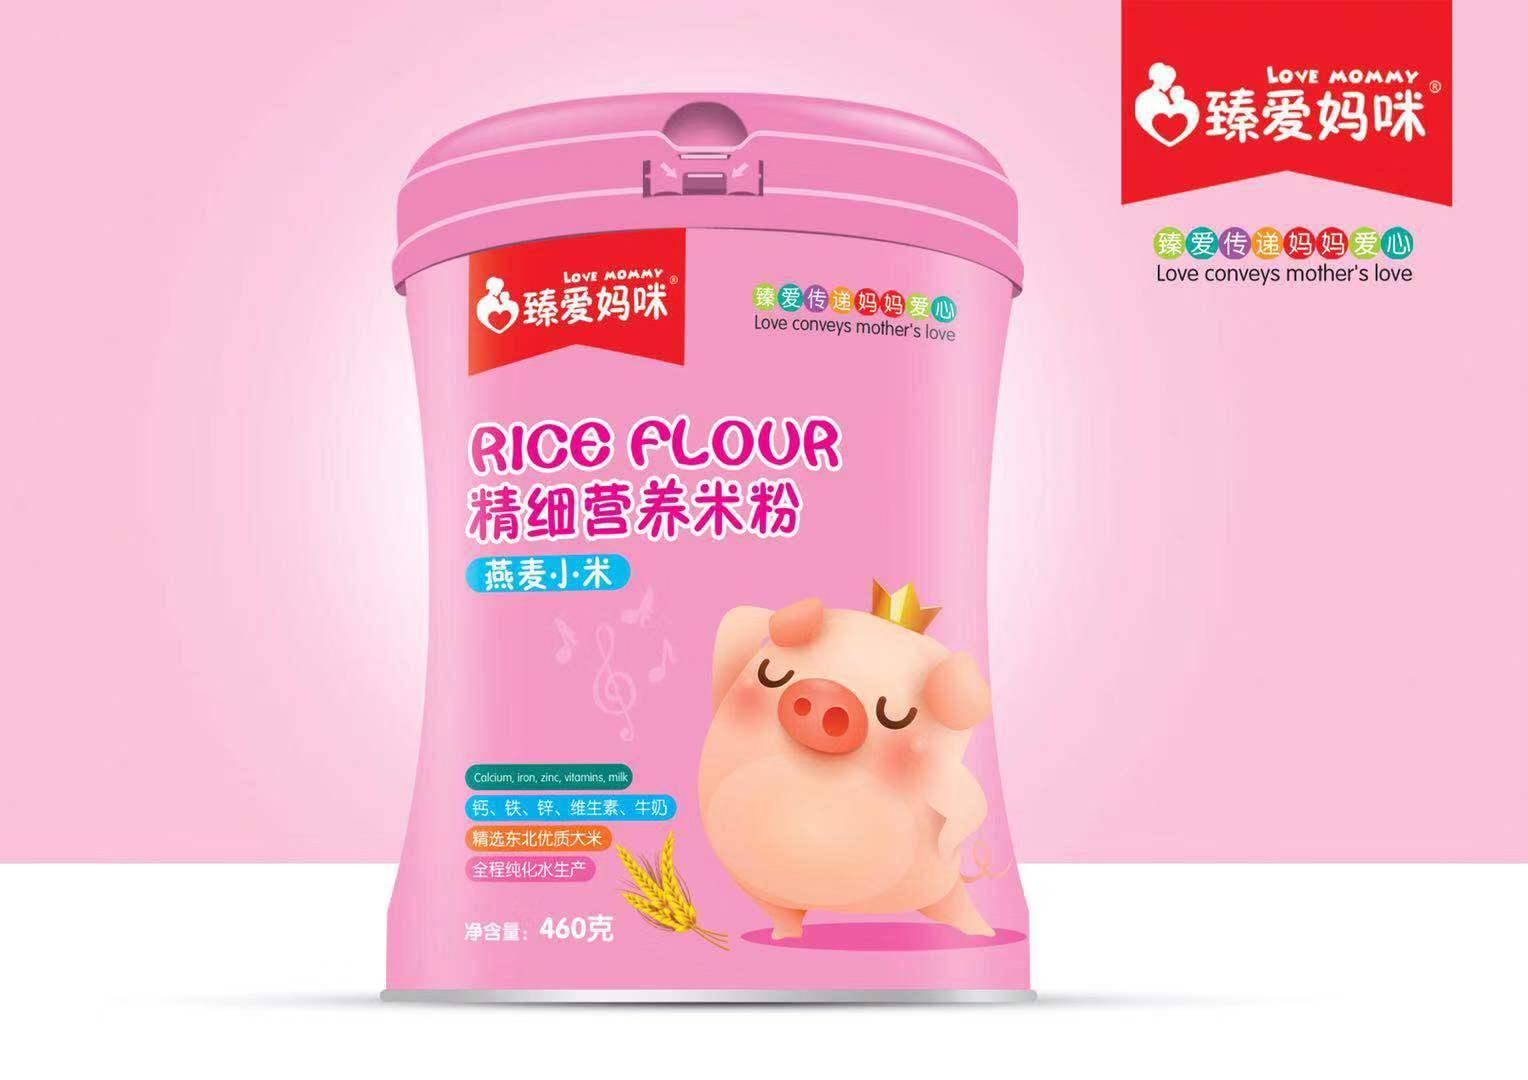 臻爱妈咪燕麦小米精细营养米粉